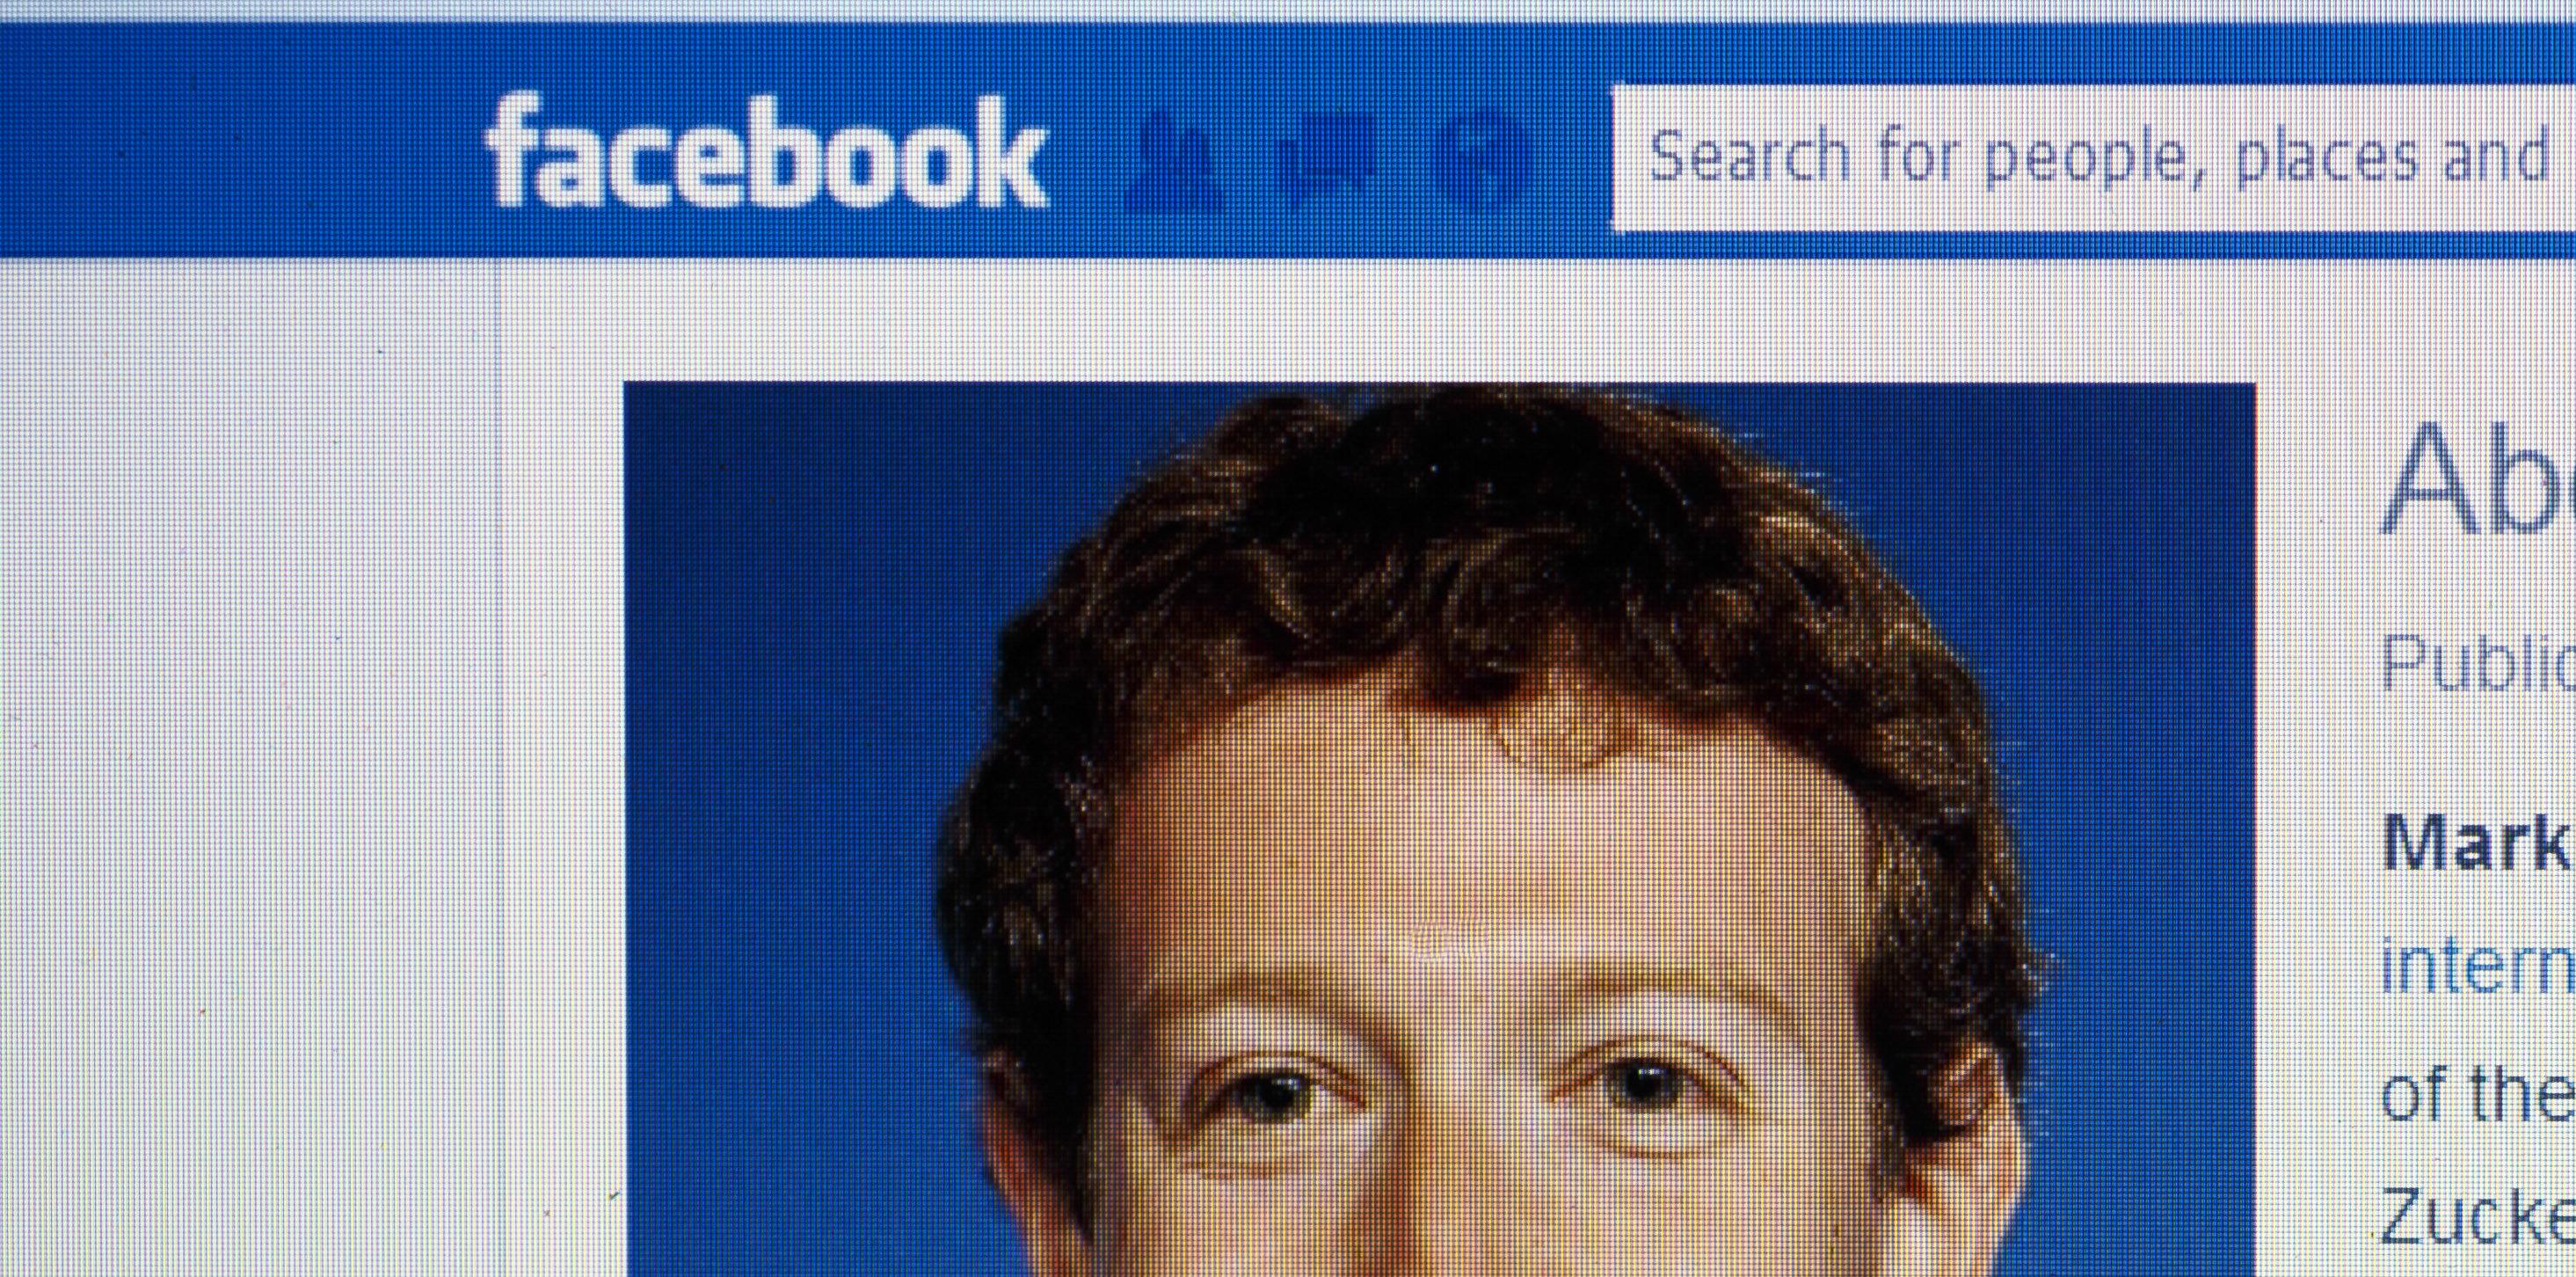 마크 저커버그가 캠브리지 아날리티카와 페이스북 사건에 대한 해명을